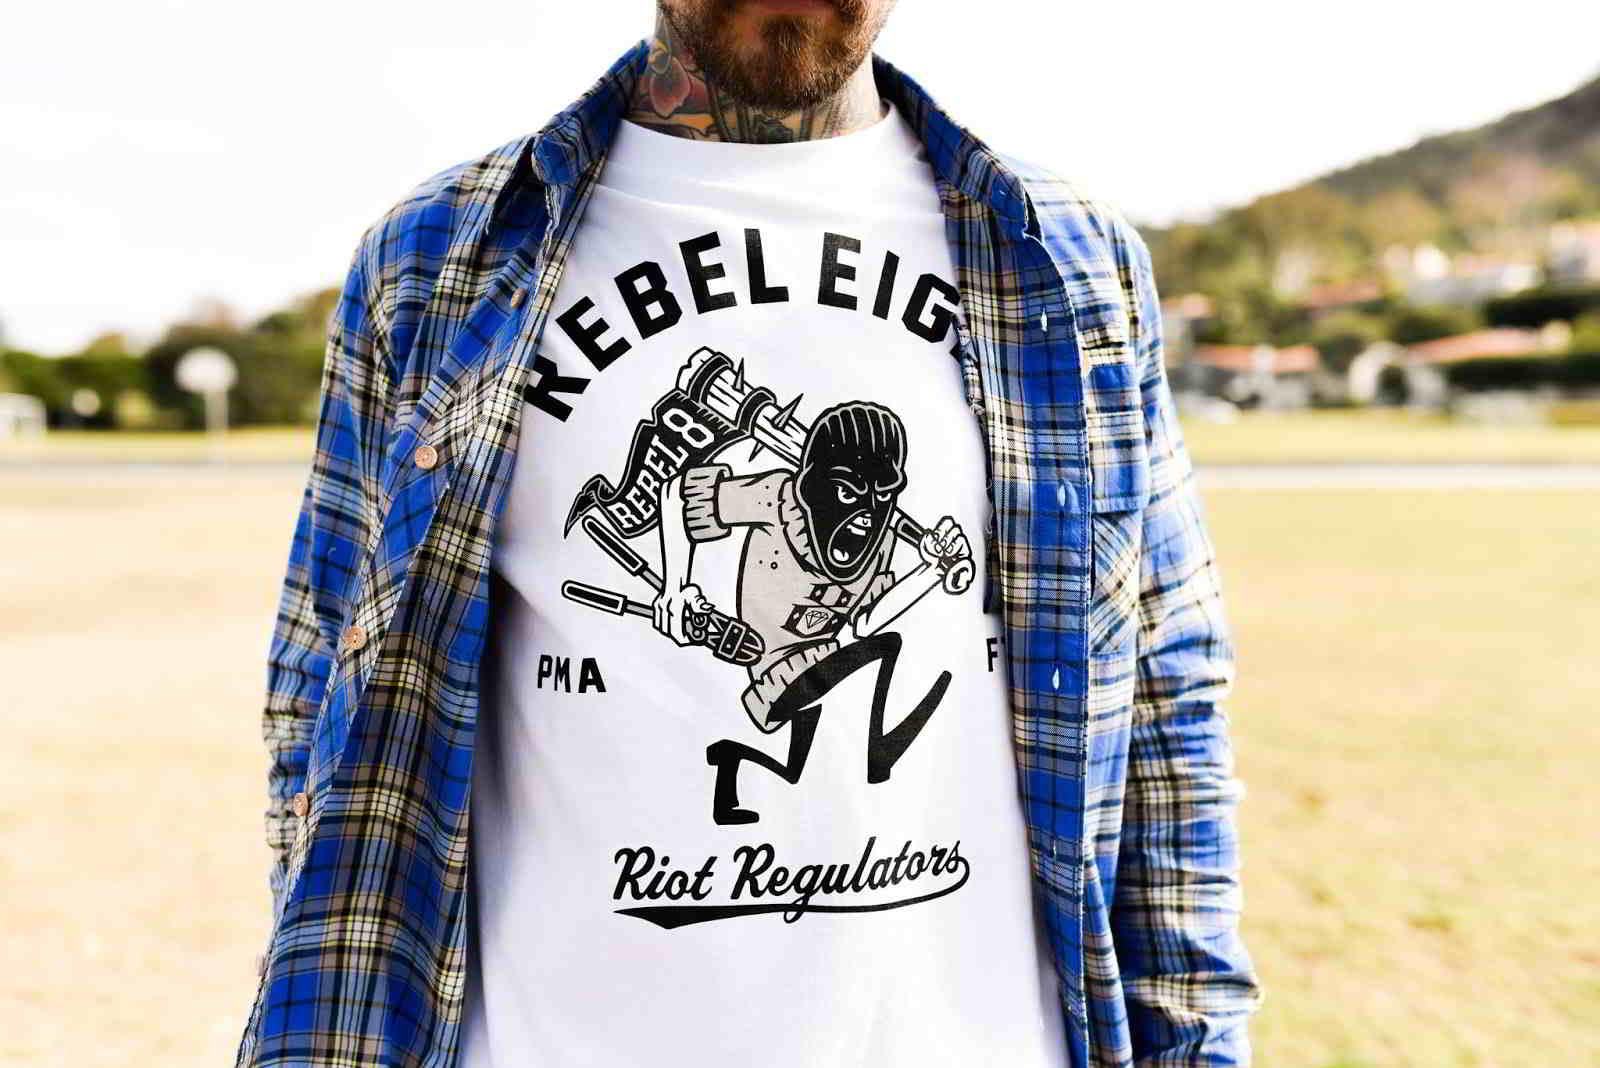 streetwear brasil rebel8 primavera 2016 03 - Estilo dos chicanos influencia Rebel8